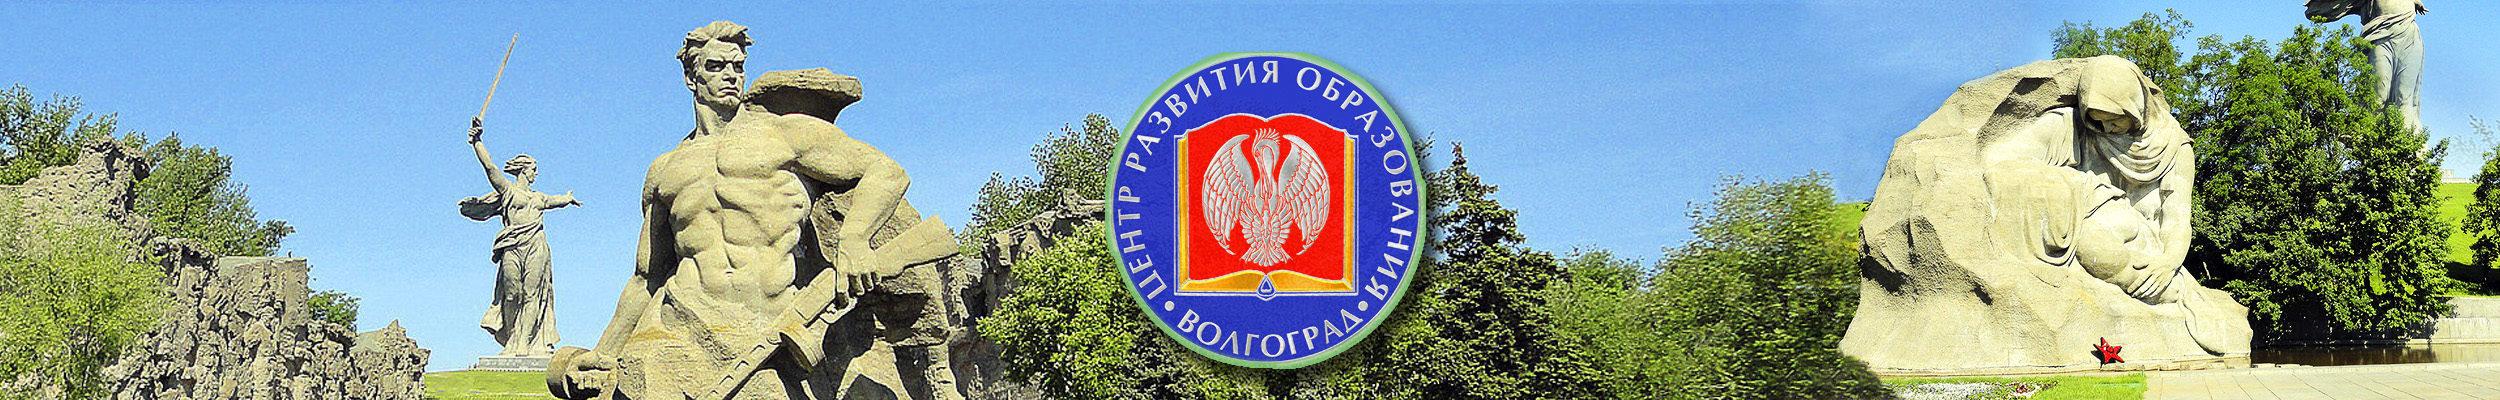 Центр развития образования Волгограда